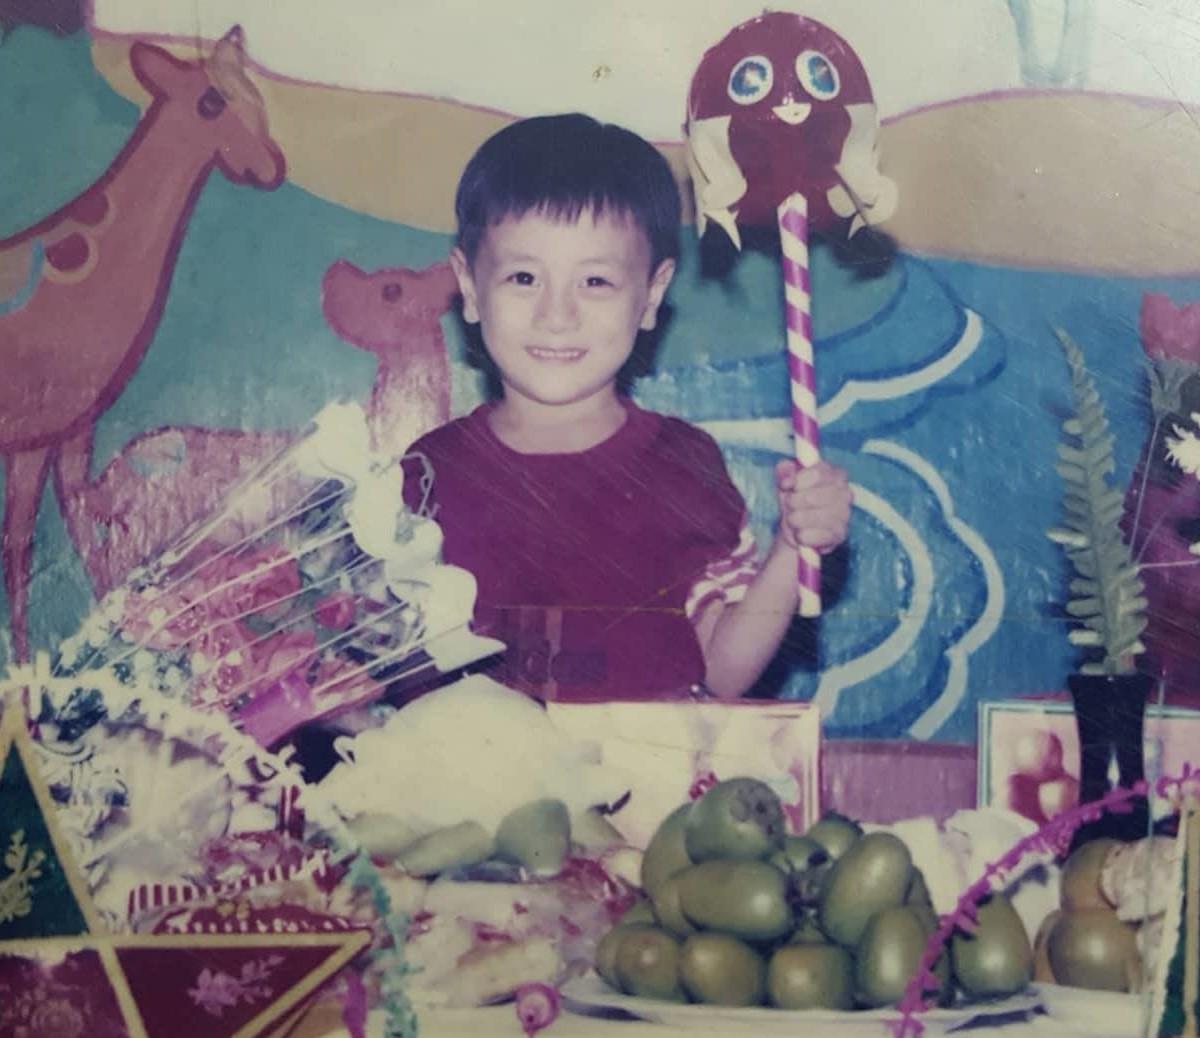 Còn nghi ngờ gì nữa, đây là tuổi thơ dữ dội mà các hot boy Việt chỉ muốn giữ cho riêng mình! - Ảnh 18.